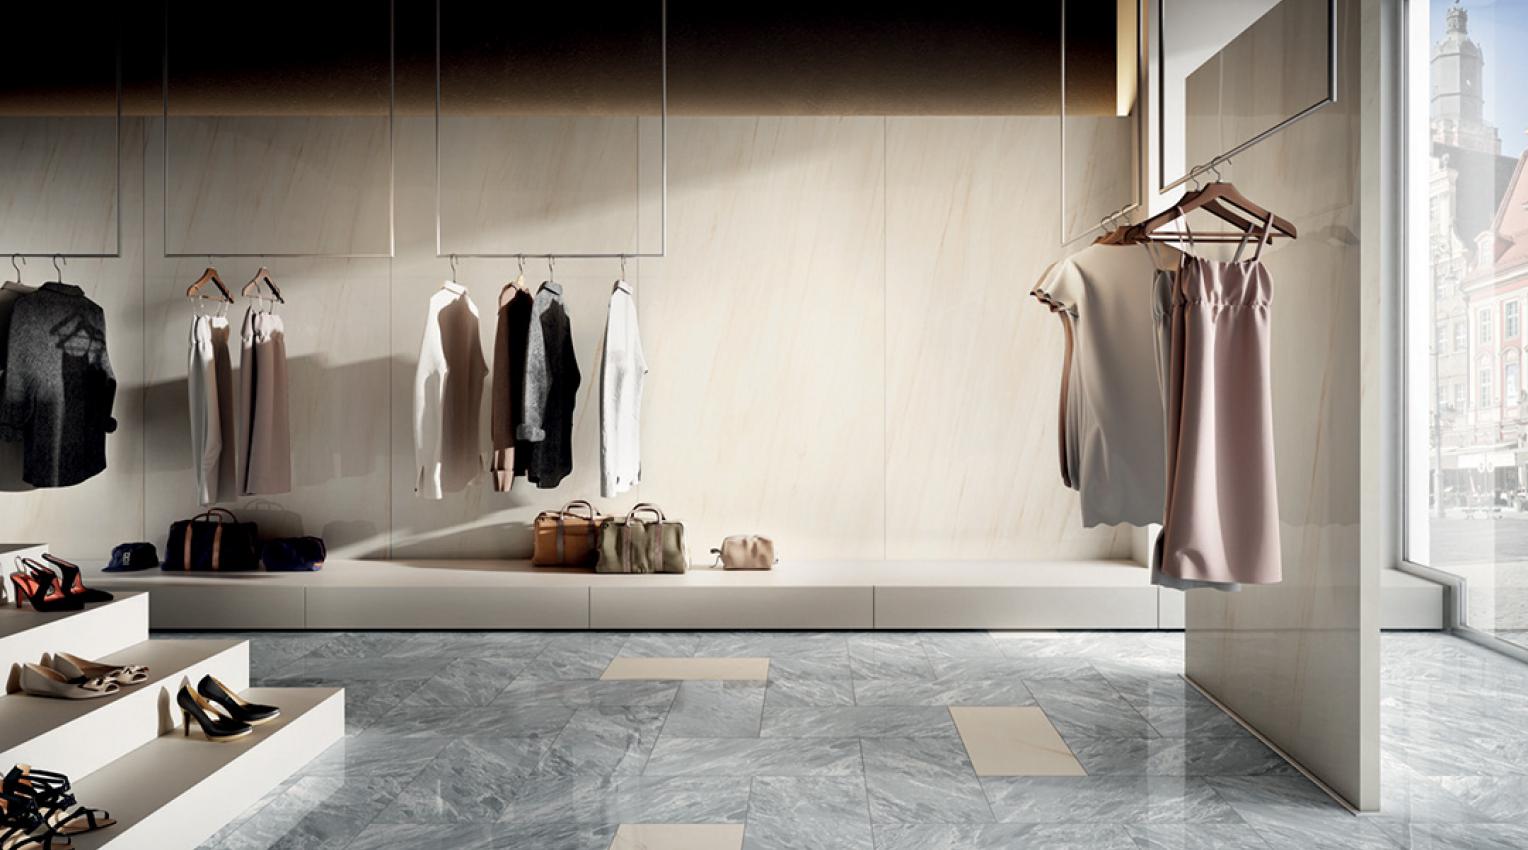 Stil_casa_belsito_cosenza_bbls_group_paviment_rivestimenti_arredo_bagno_piastrelle_ceramica_stile_moderno_classico_5